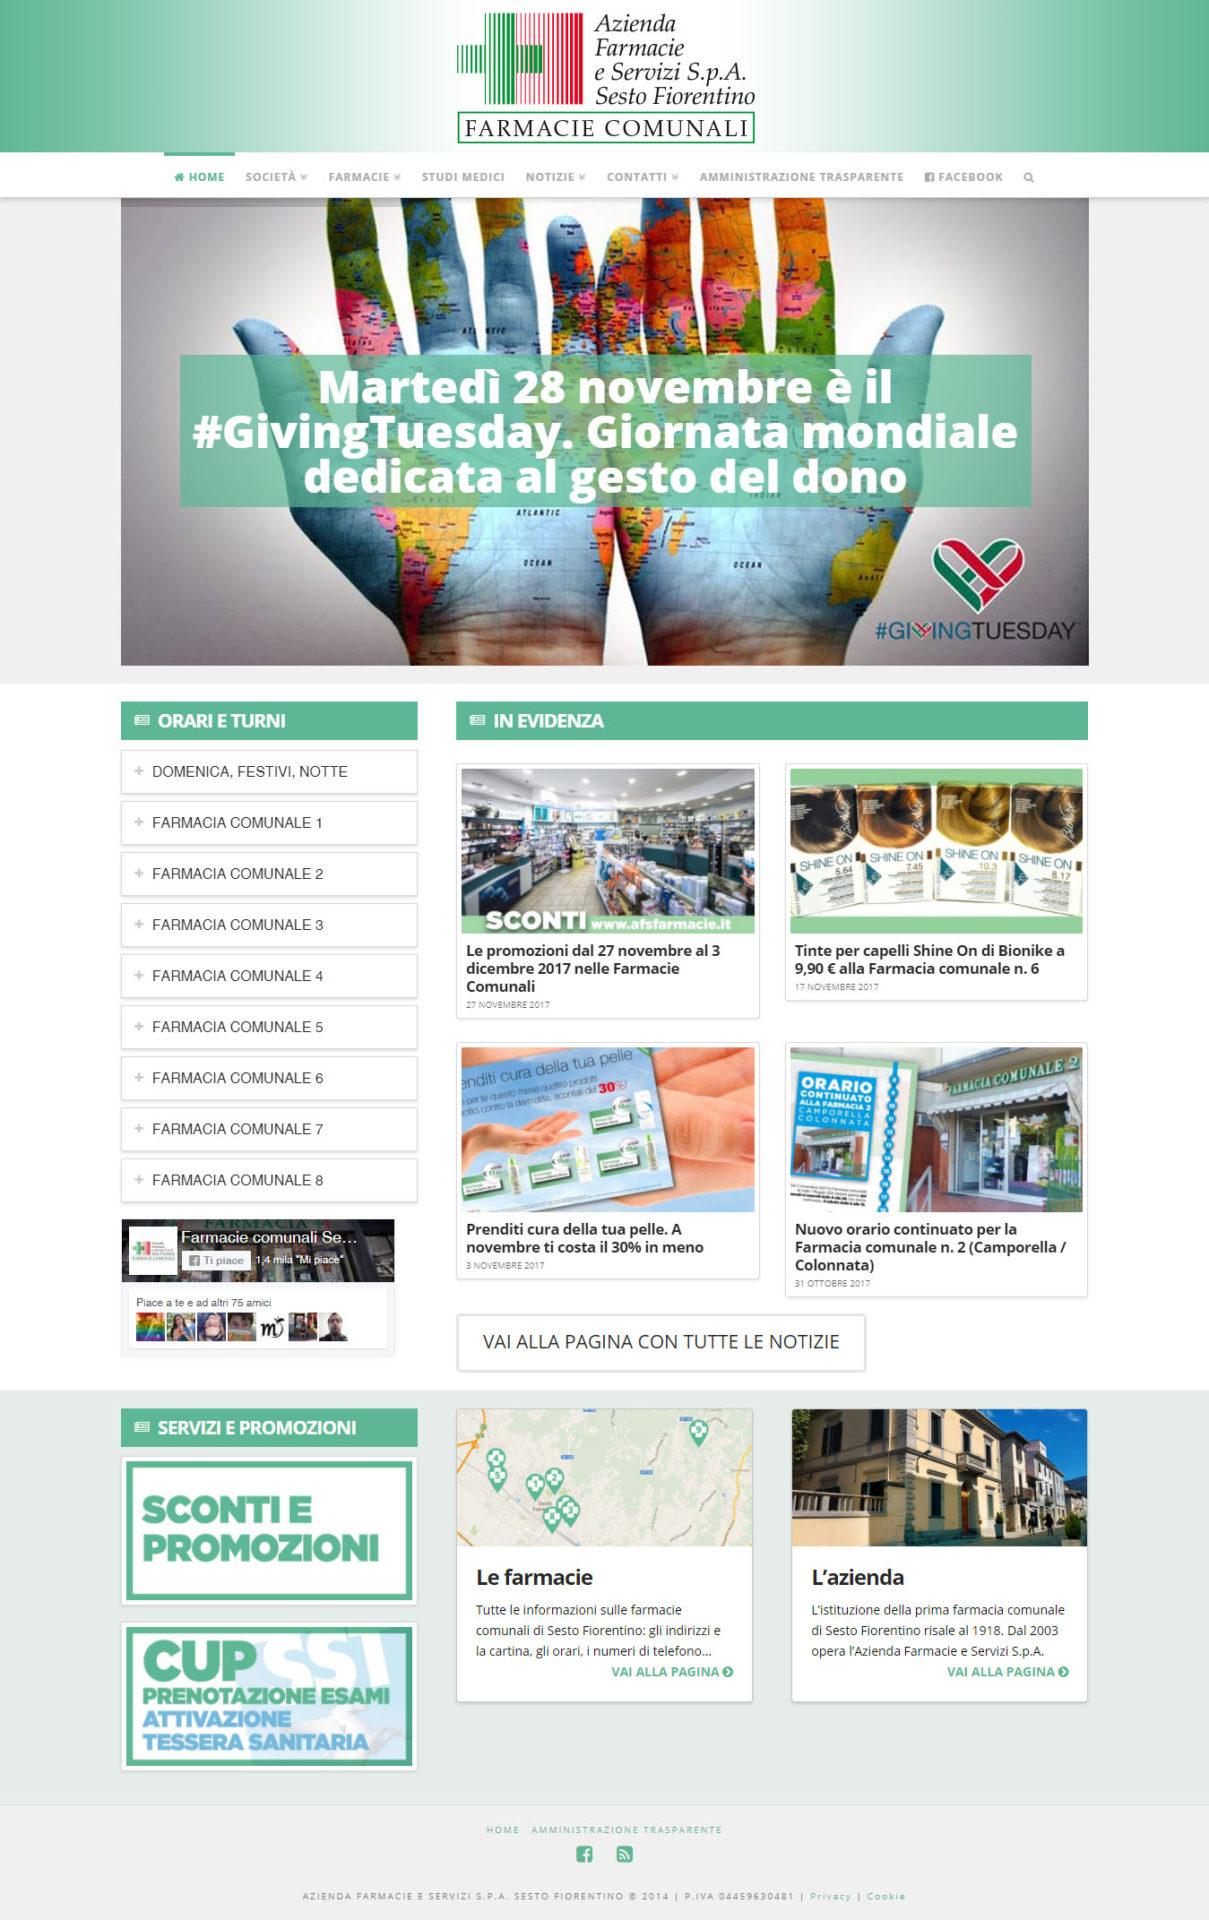 Prima pagina del sito internet www.afsfarmacie.it